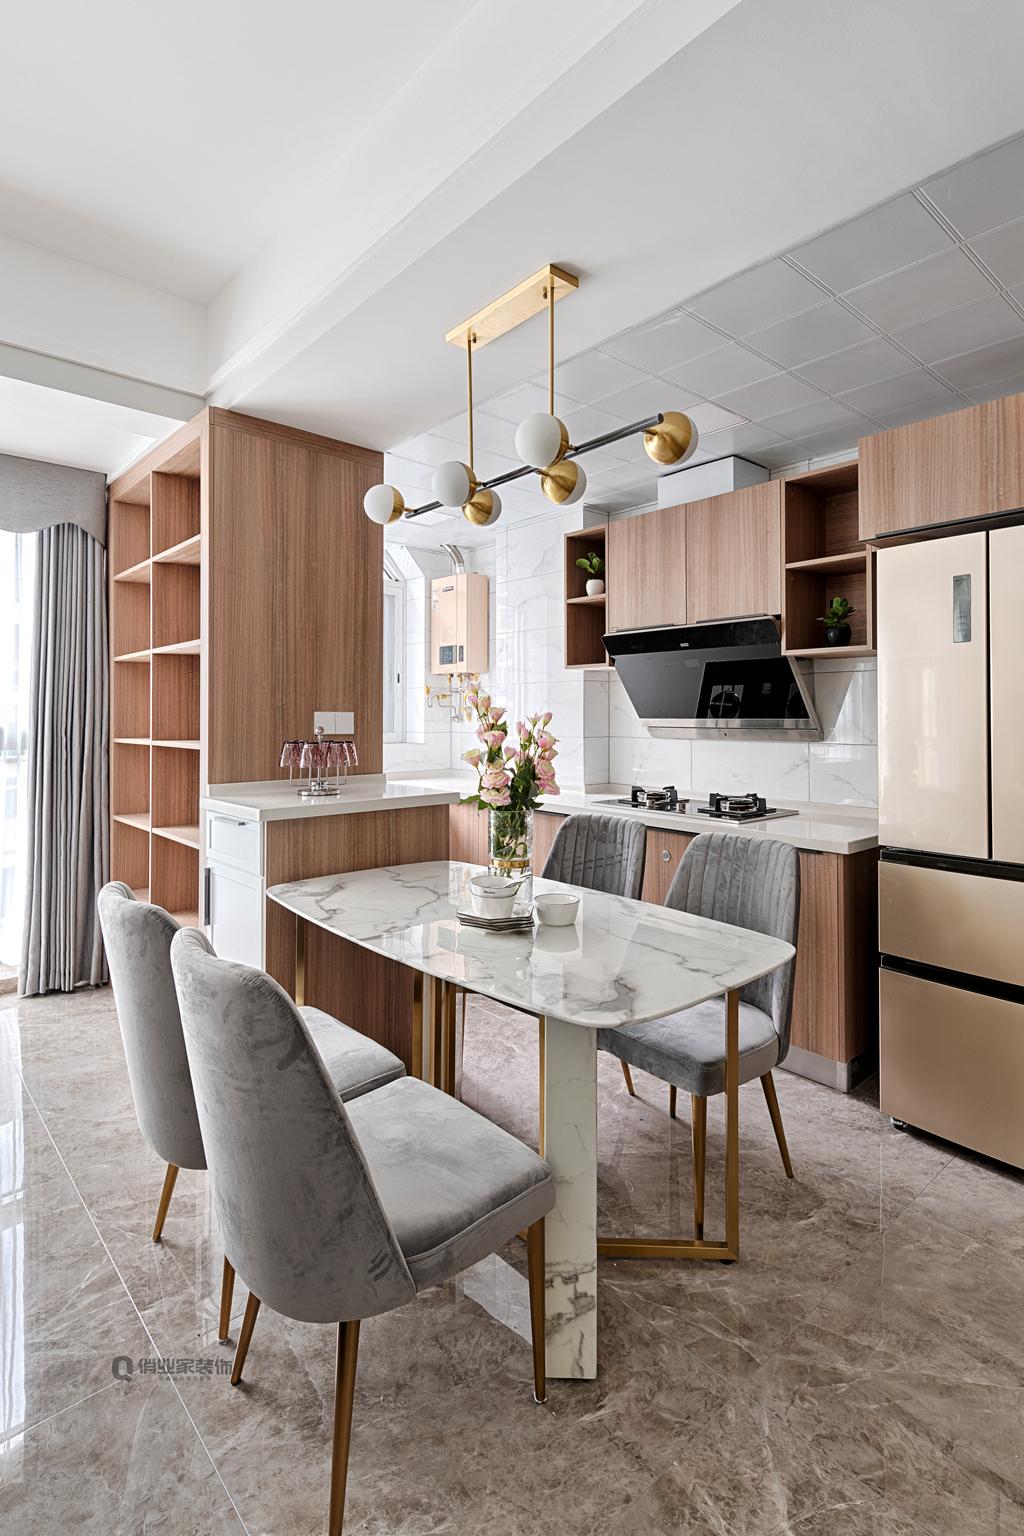 现代轻奢 现代风格 重庆装修 装修设计 现代装修 厨房图片来自俏业家装饰在康田蔚蓝海现代轻奢风格装修的分享